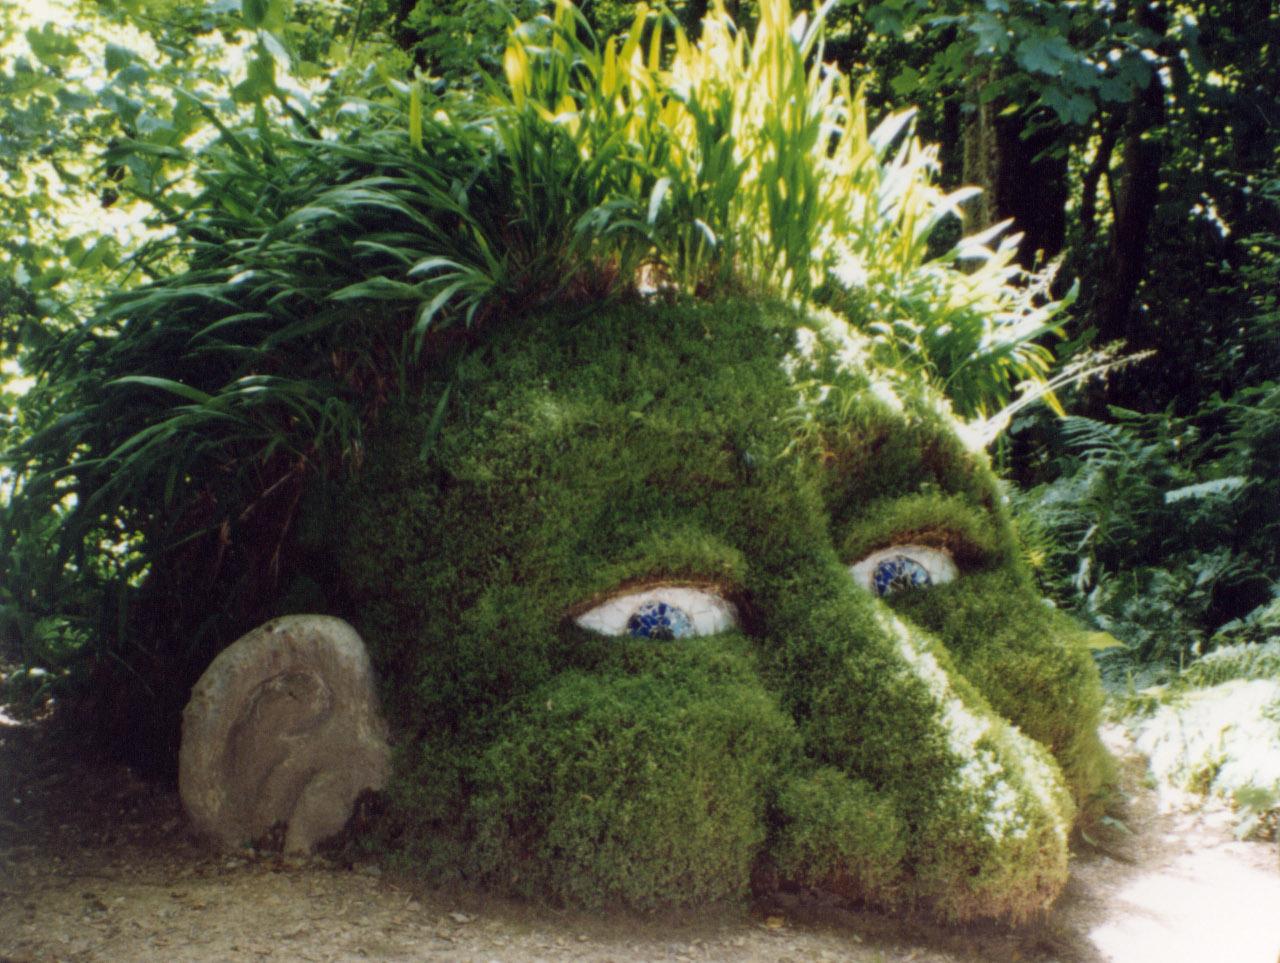 Un gran troll de piedra ubicado en Cornwall, Inglaterra.